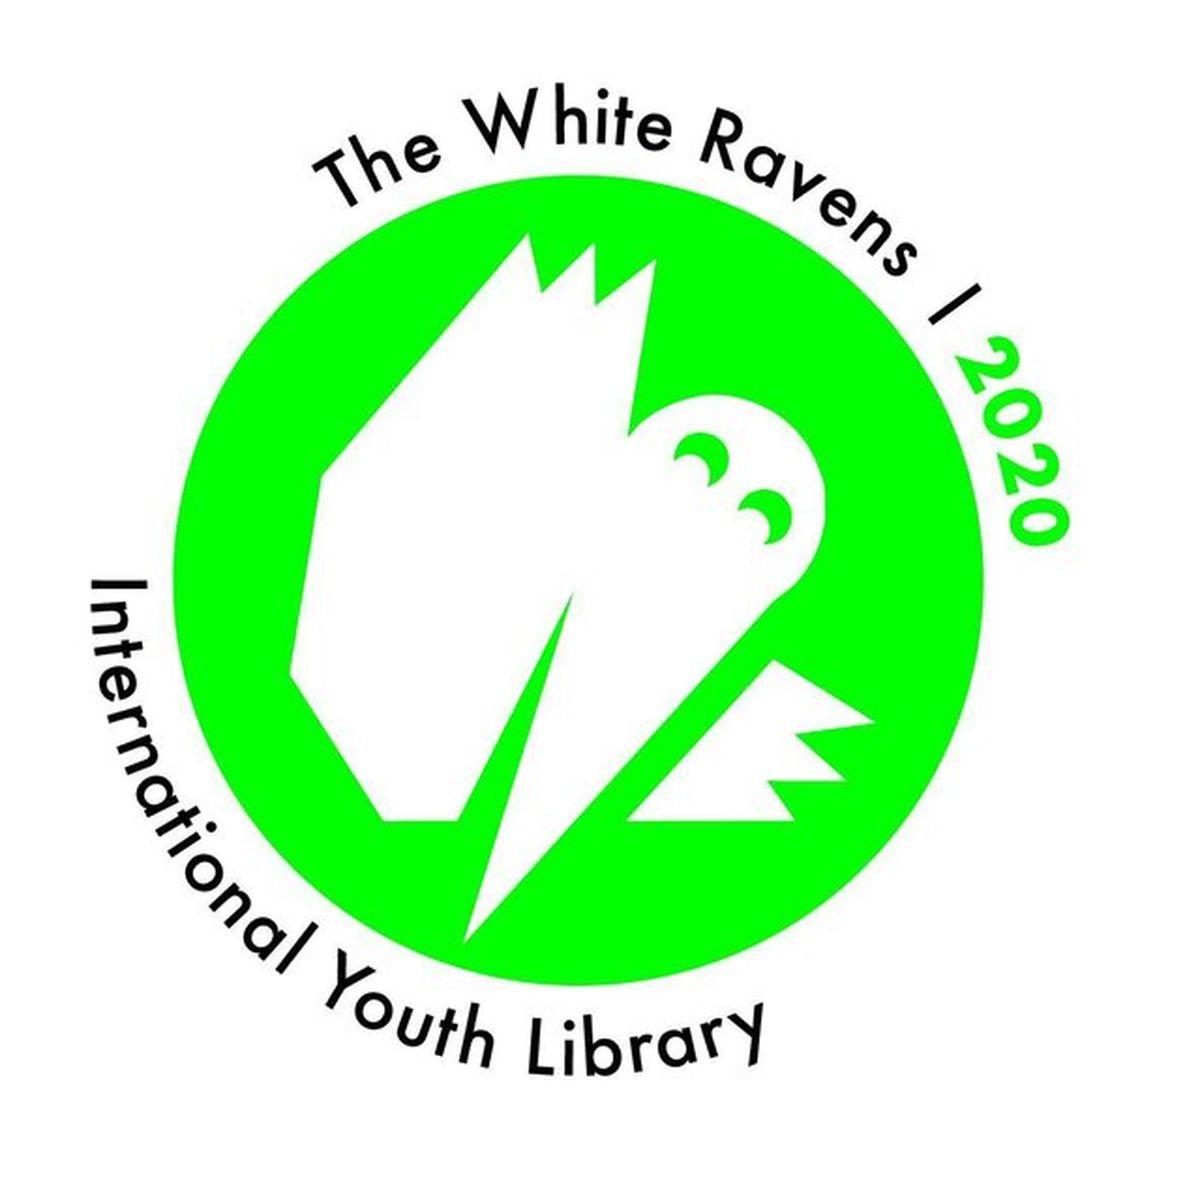 ۴ کتاب ایرانی در فهرست «کلاغ سفید ۲۰۲۰»